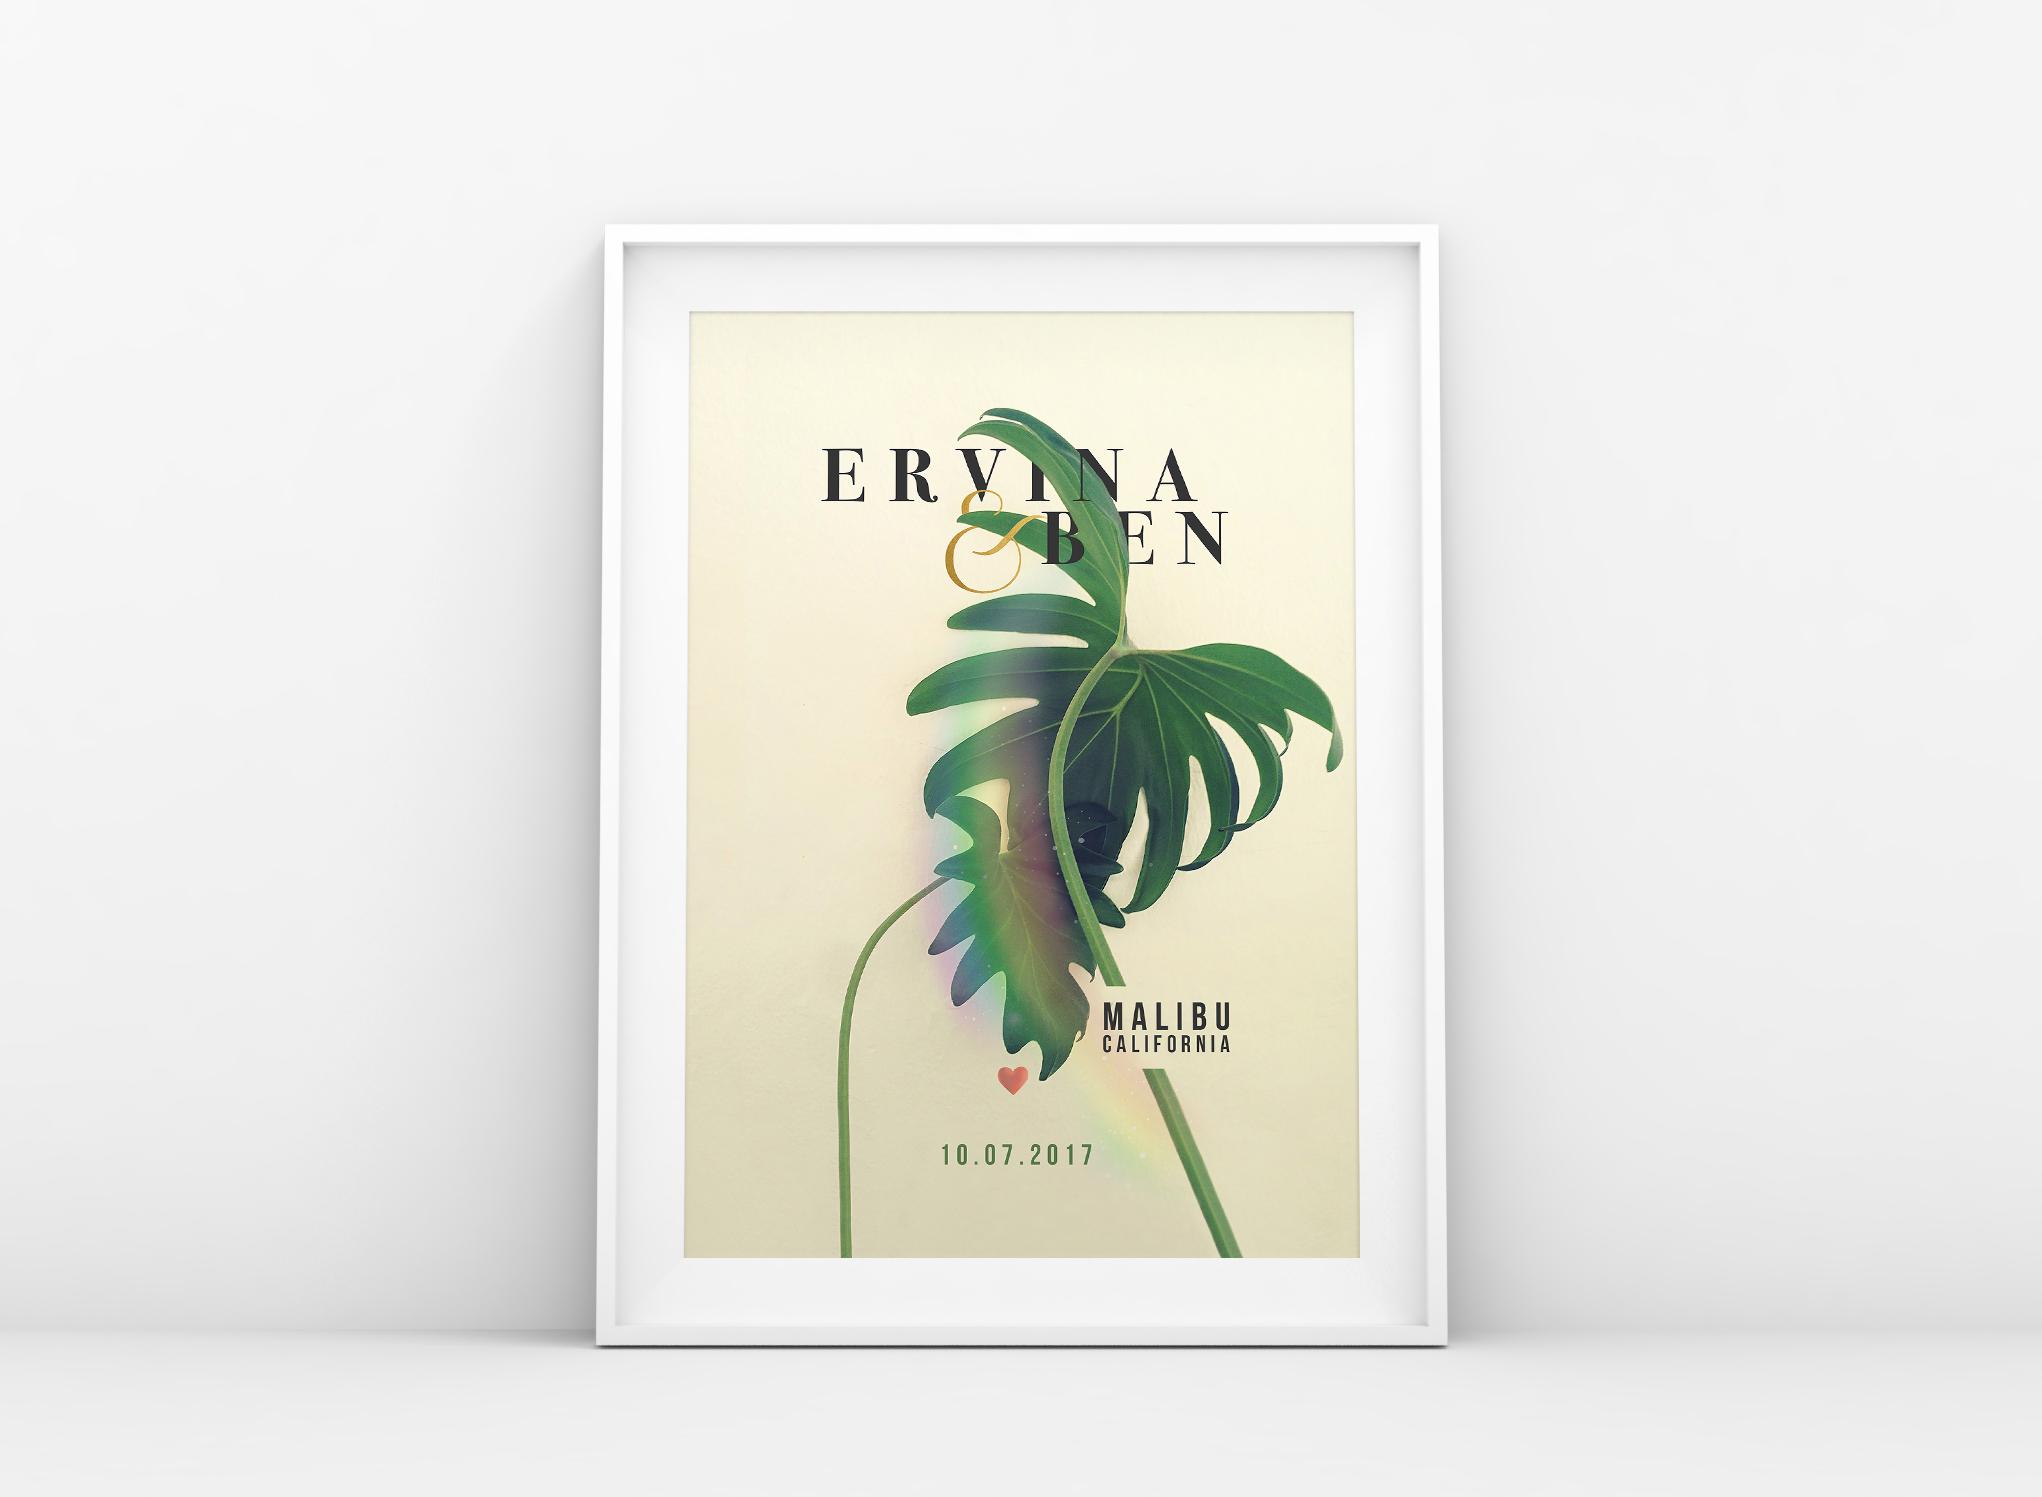 Ervina and Ben framed poster.jpg